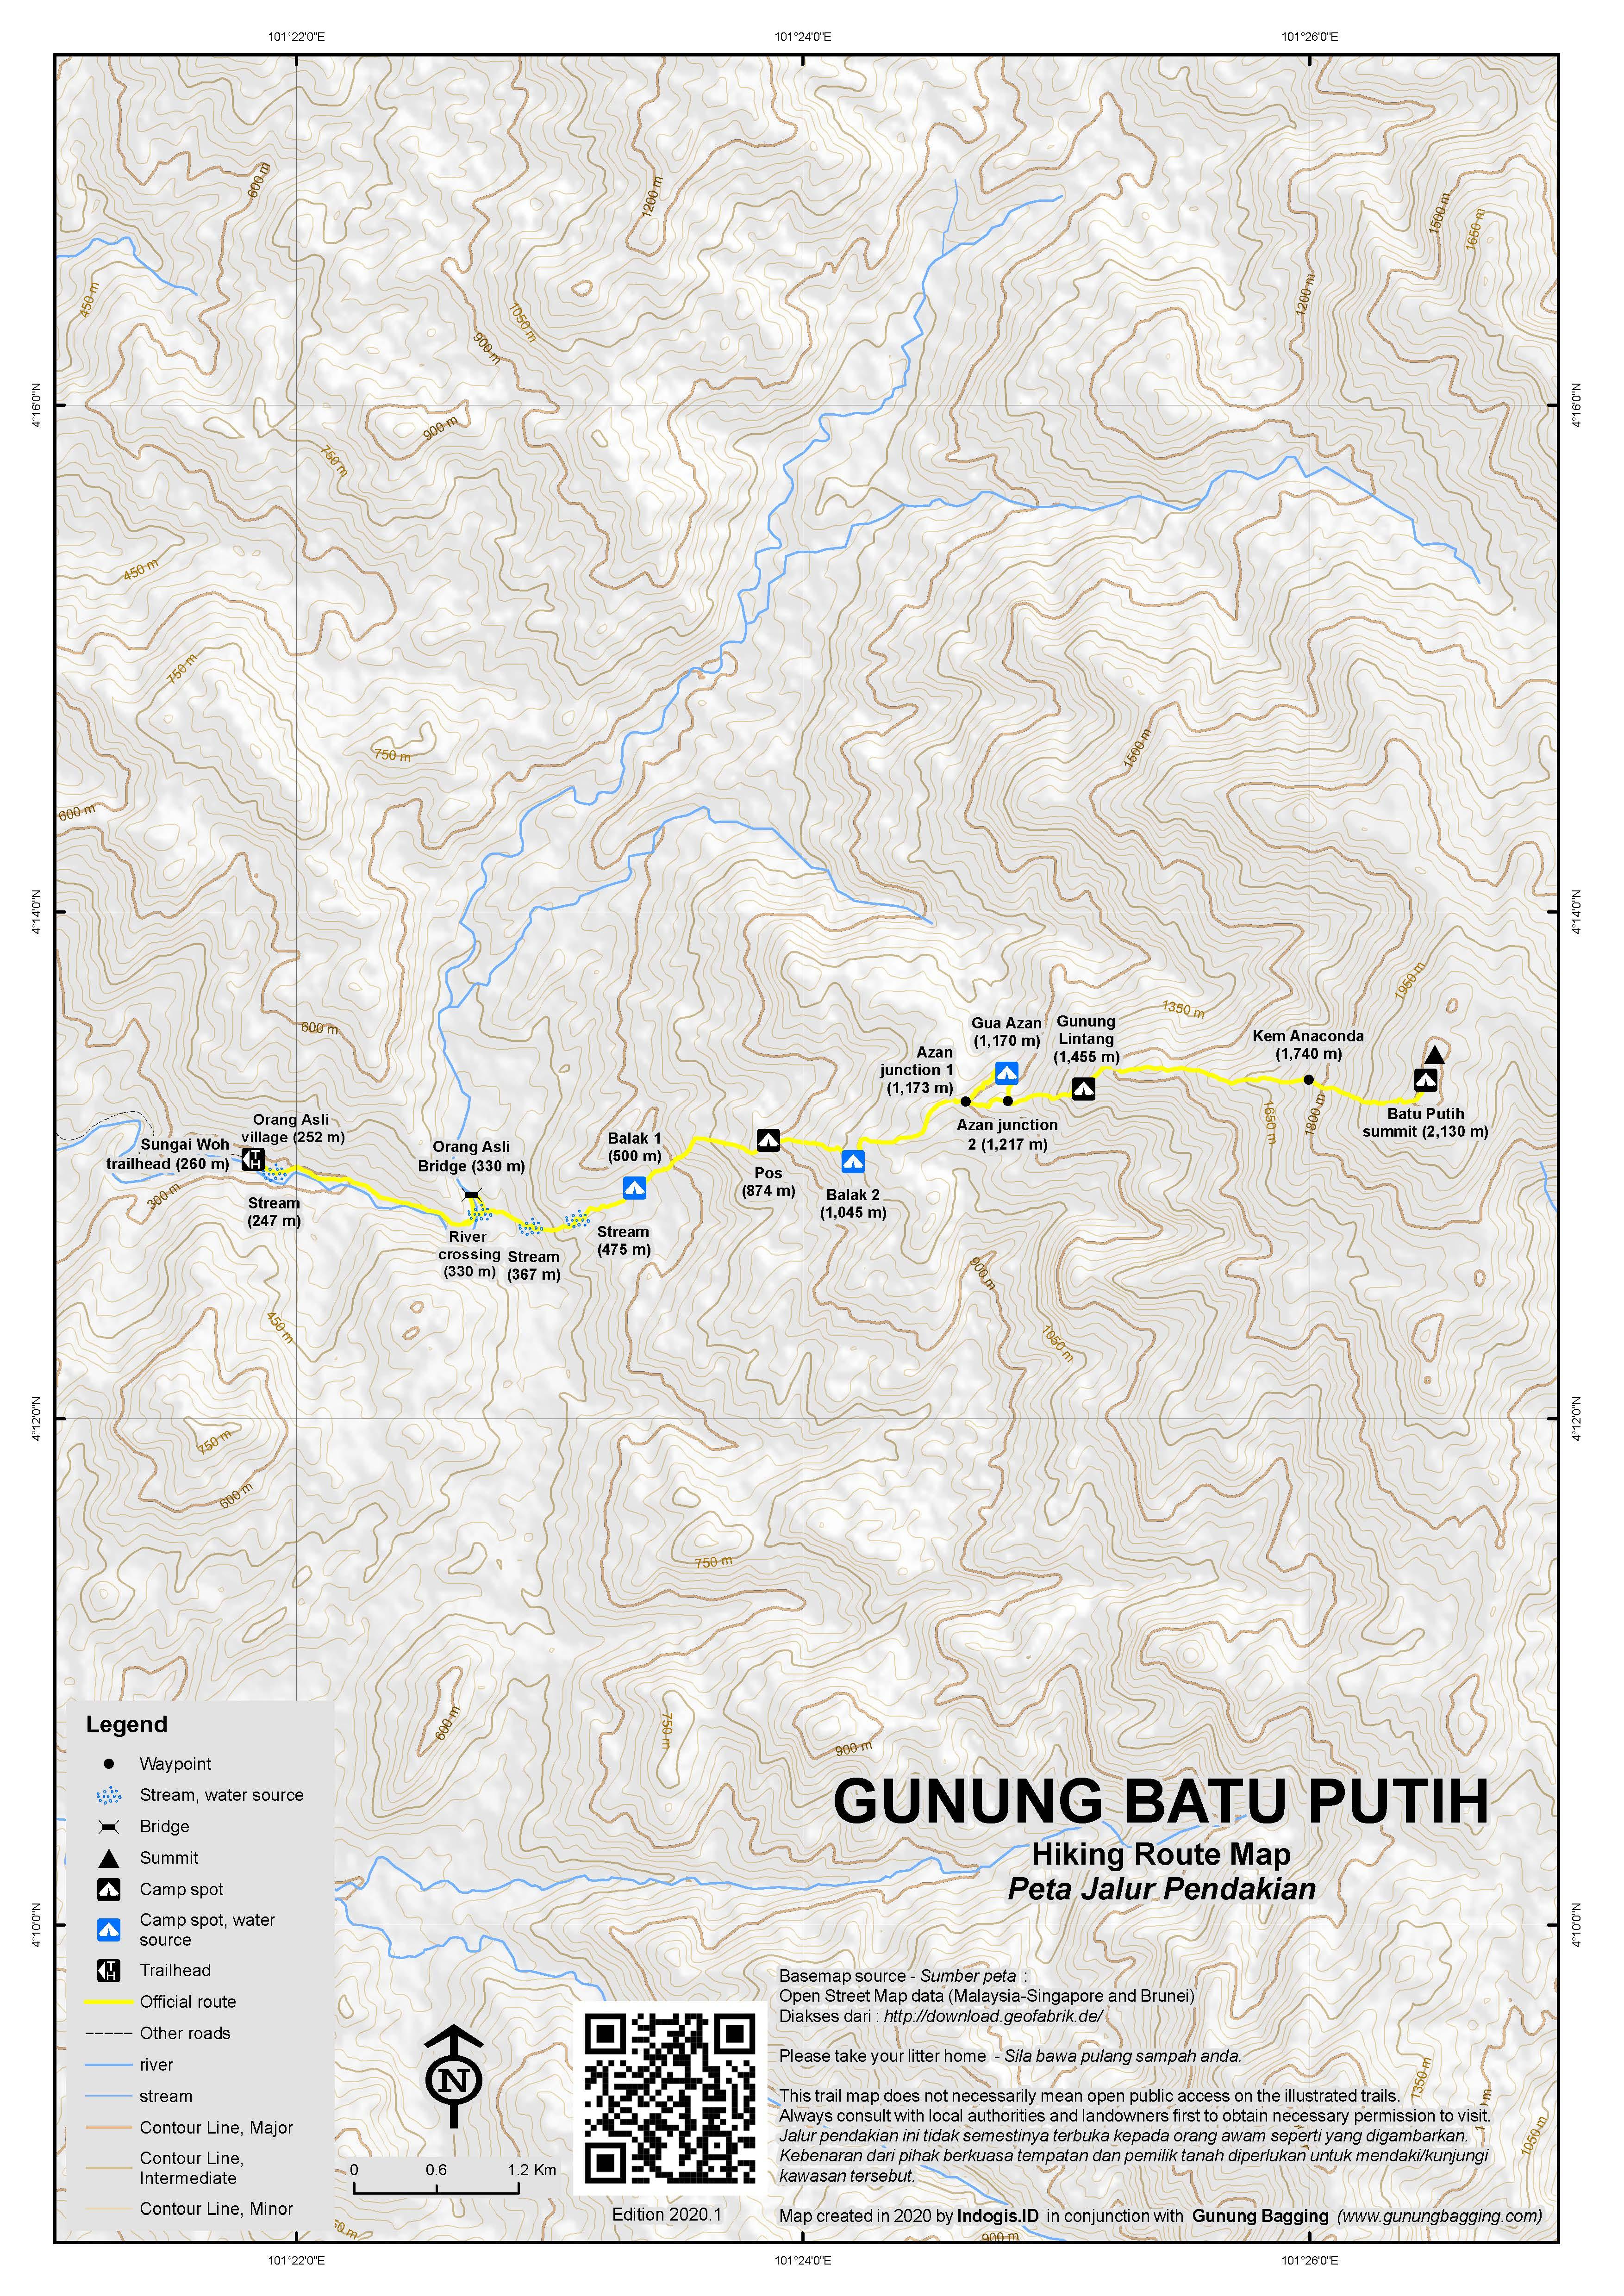 Peta Jalur Pendakian Gunung Batu Putih